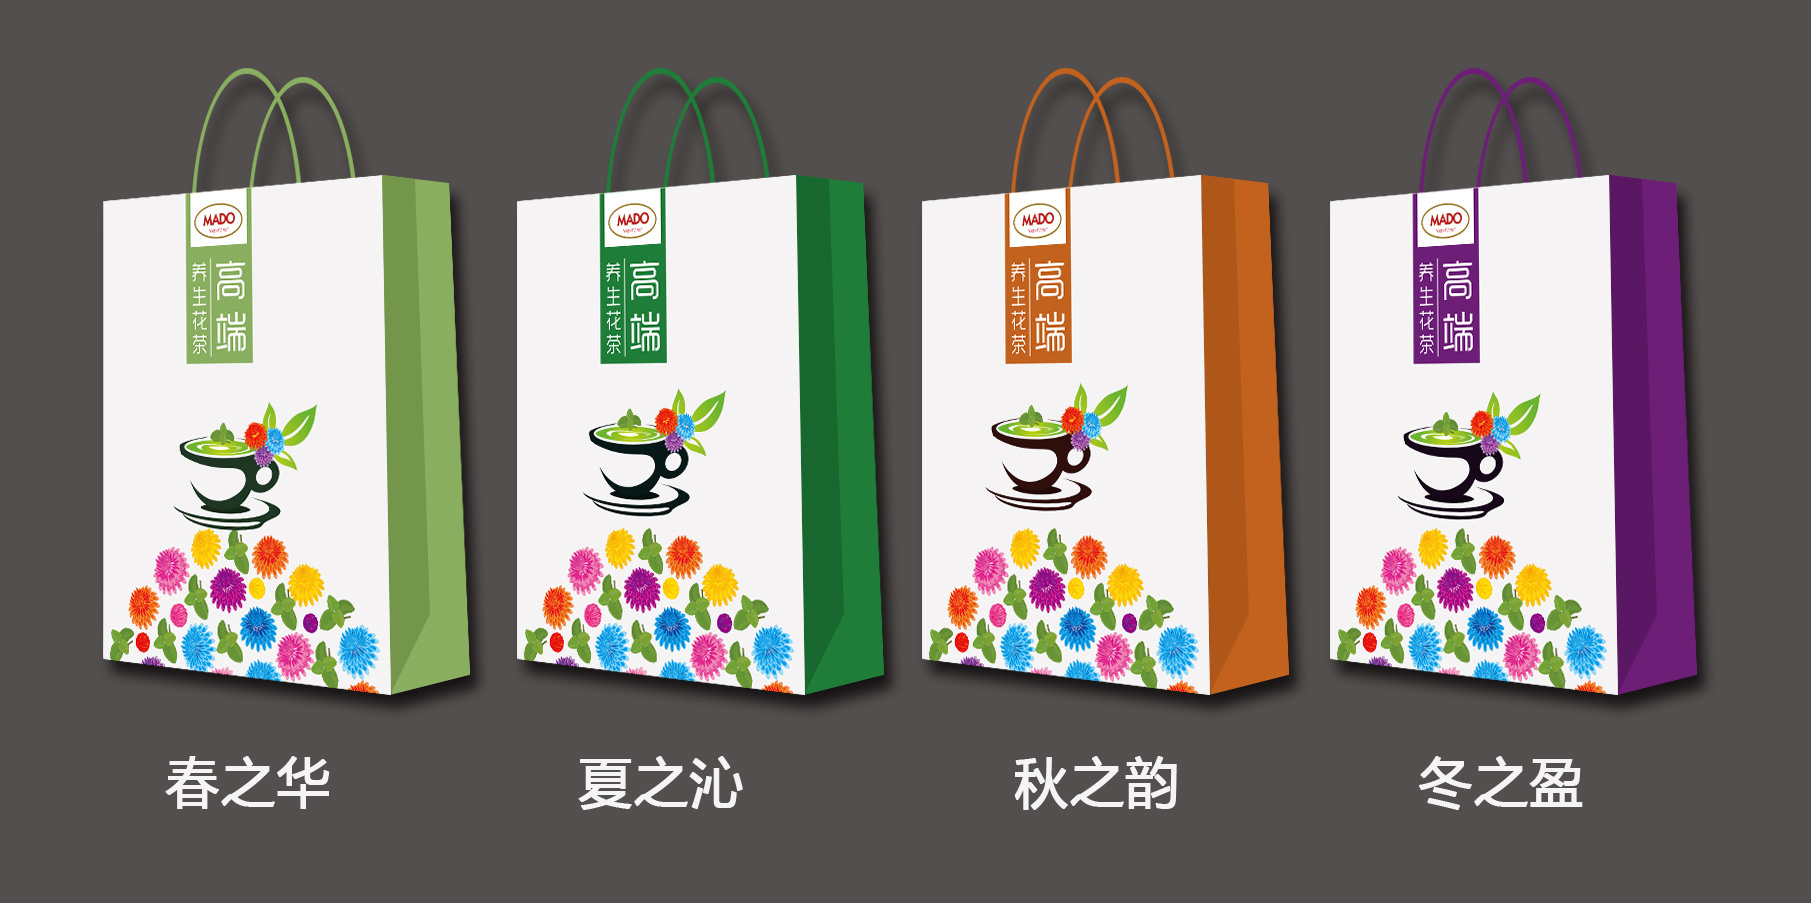 茶包装设计图片